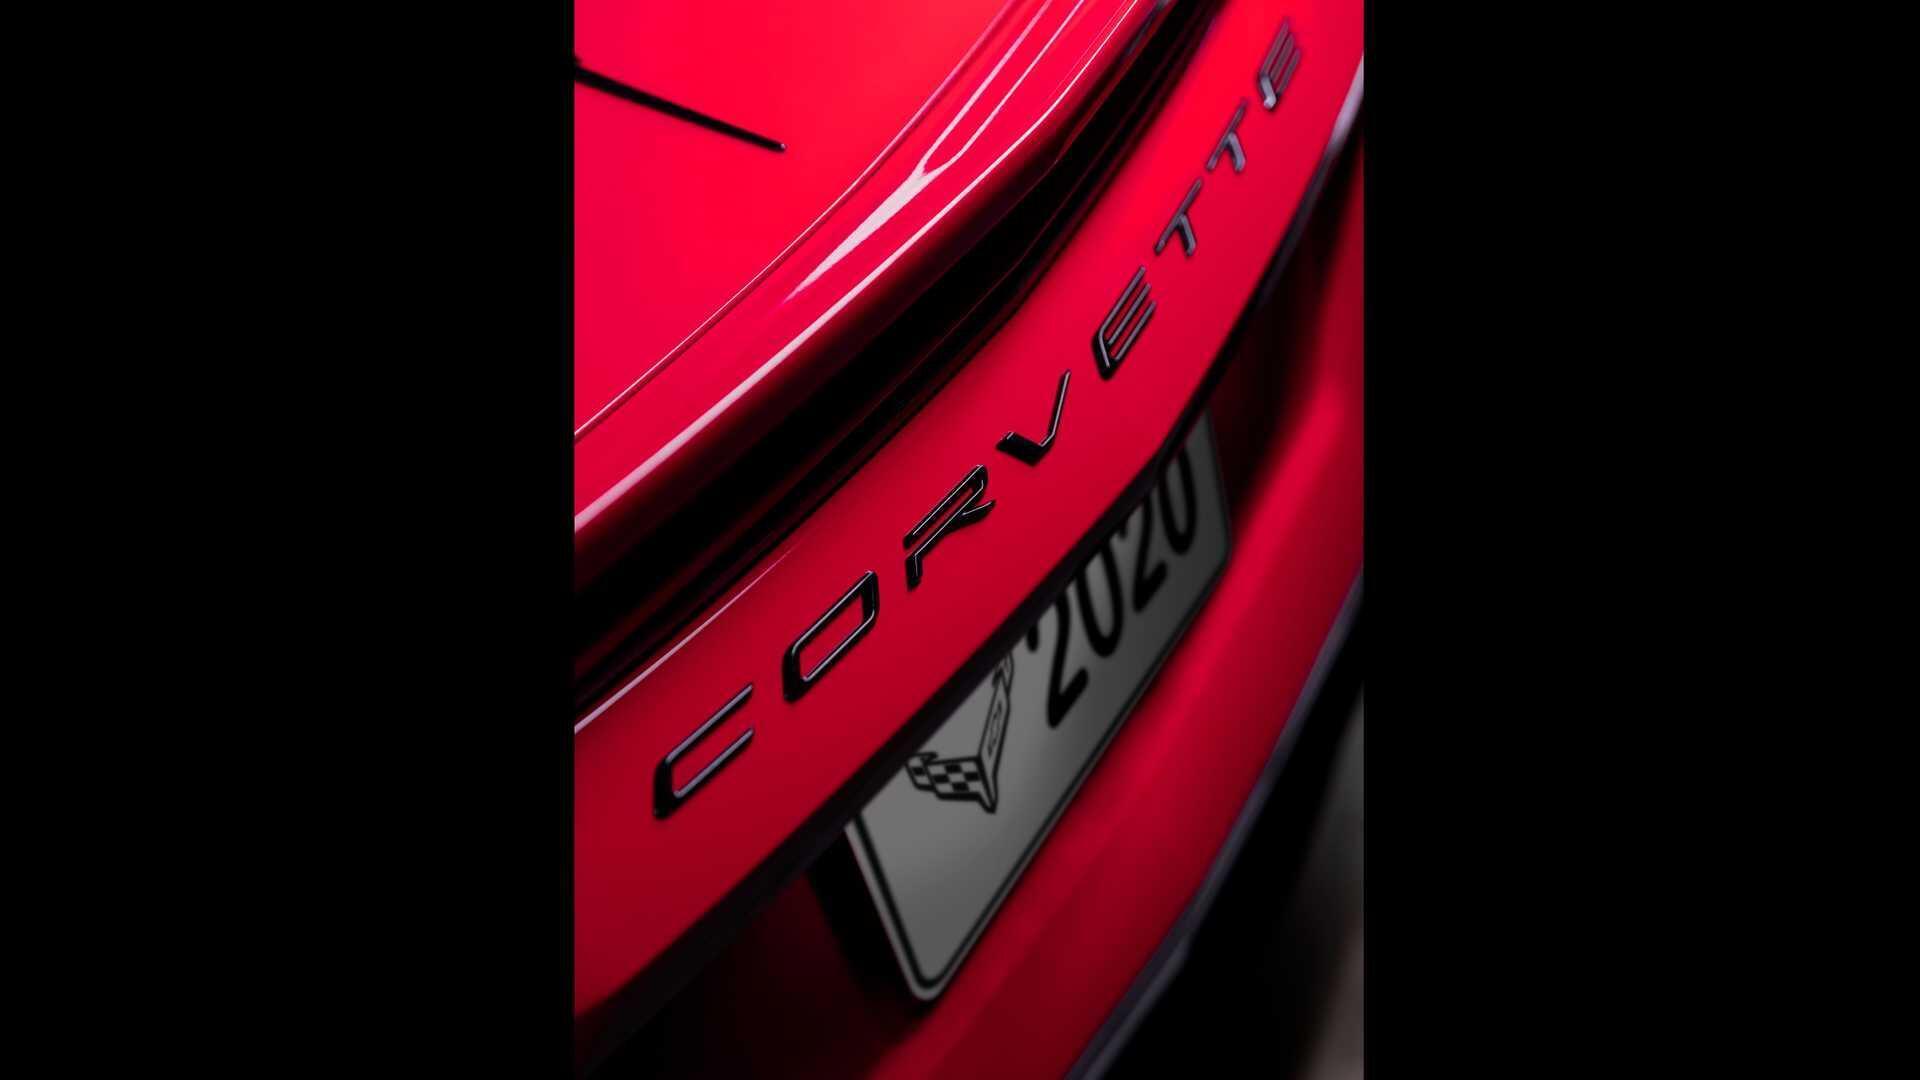 https://cdn.dailyxe.com.vn/image/chevrolet-corvette-2020-co-mot-so-tinh-nang-an-tuyet-voi-73-94567j2.jpg